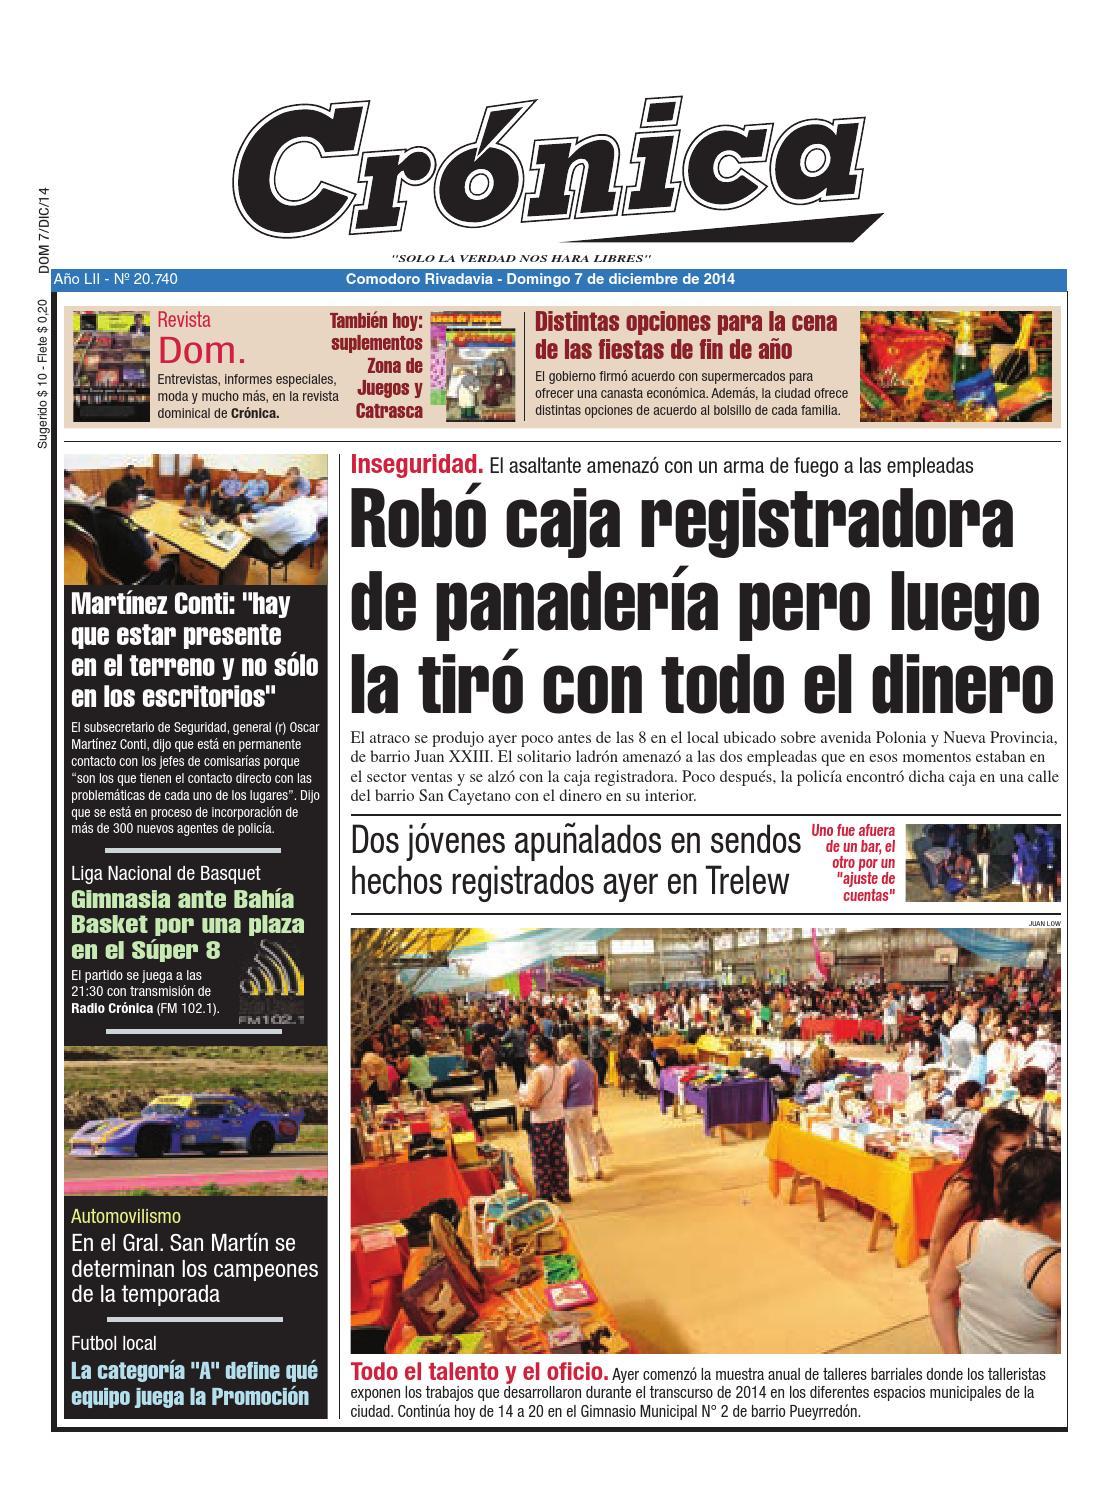 30d814243e2927acf2a94a191b63b708 by Diario Crónica - issuu